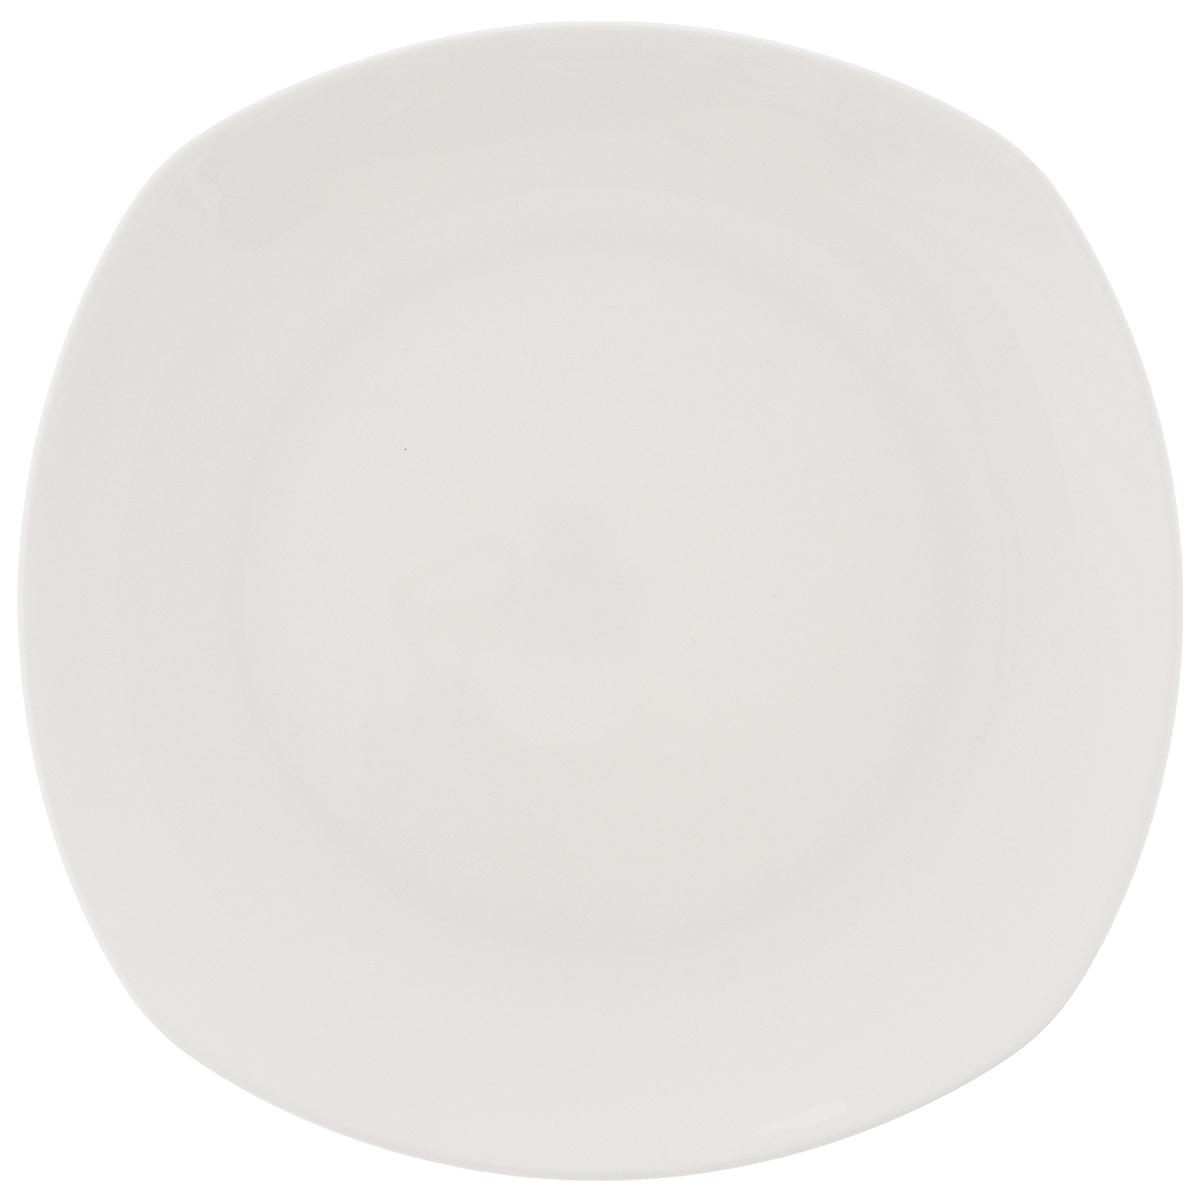 """Тарелка """"Wilmax"""", изготовленная из высококачественного фарфора, имеет оригинальную форму. Она прекрасно впишется в интерьер вашей кухни и станет достойным дополнением к кухонному инвентарю. Тарелка """"Wilmax"""" подчеркнет прекрасный вкус хозяйки и станет отличным подарком.Можно мыть в посудомоечной машине и использовать в микроволновой печи. Размер тарелки (по верхнему краю): 16,5 х 16,5 см."""